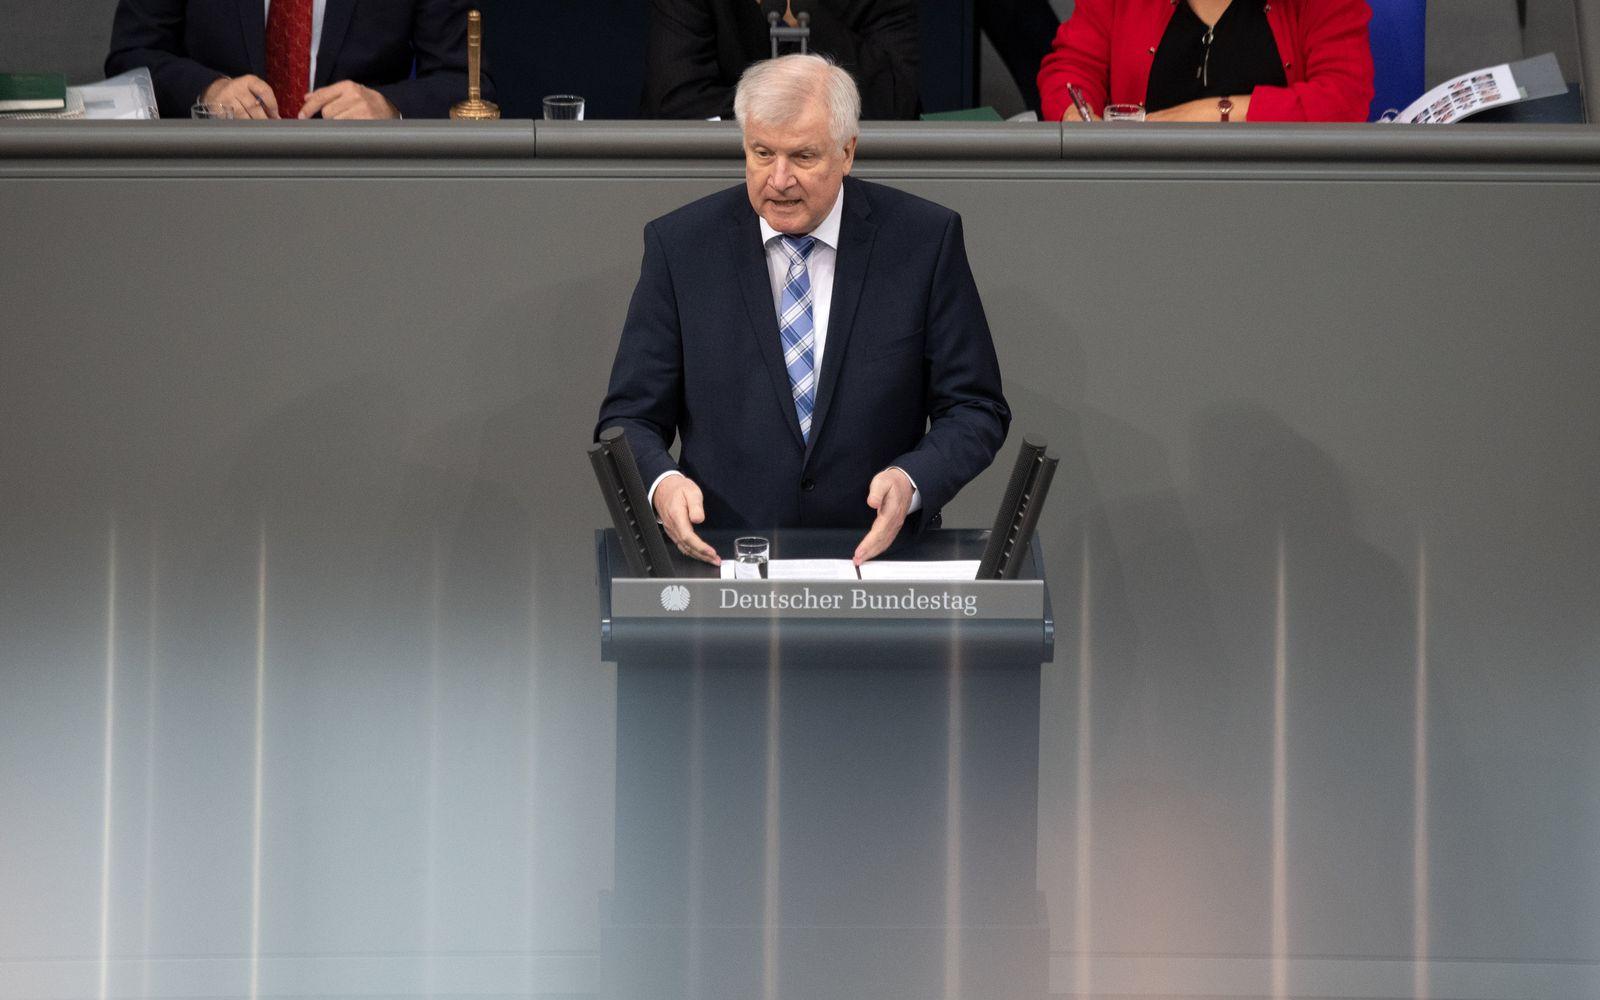 Bundestag Seehofer